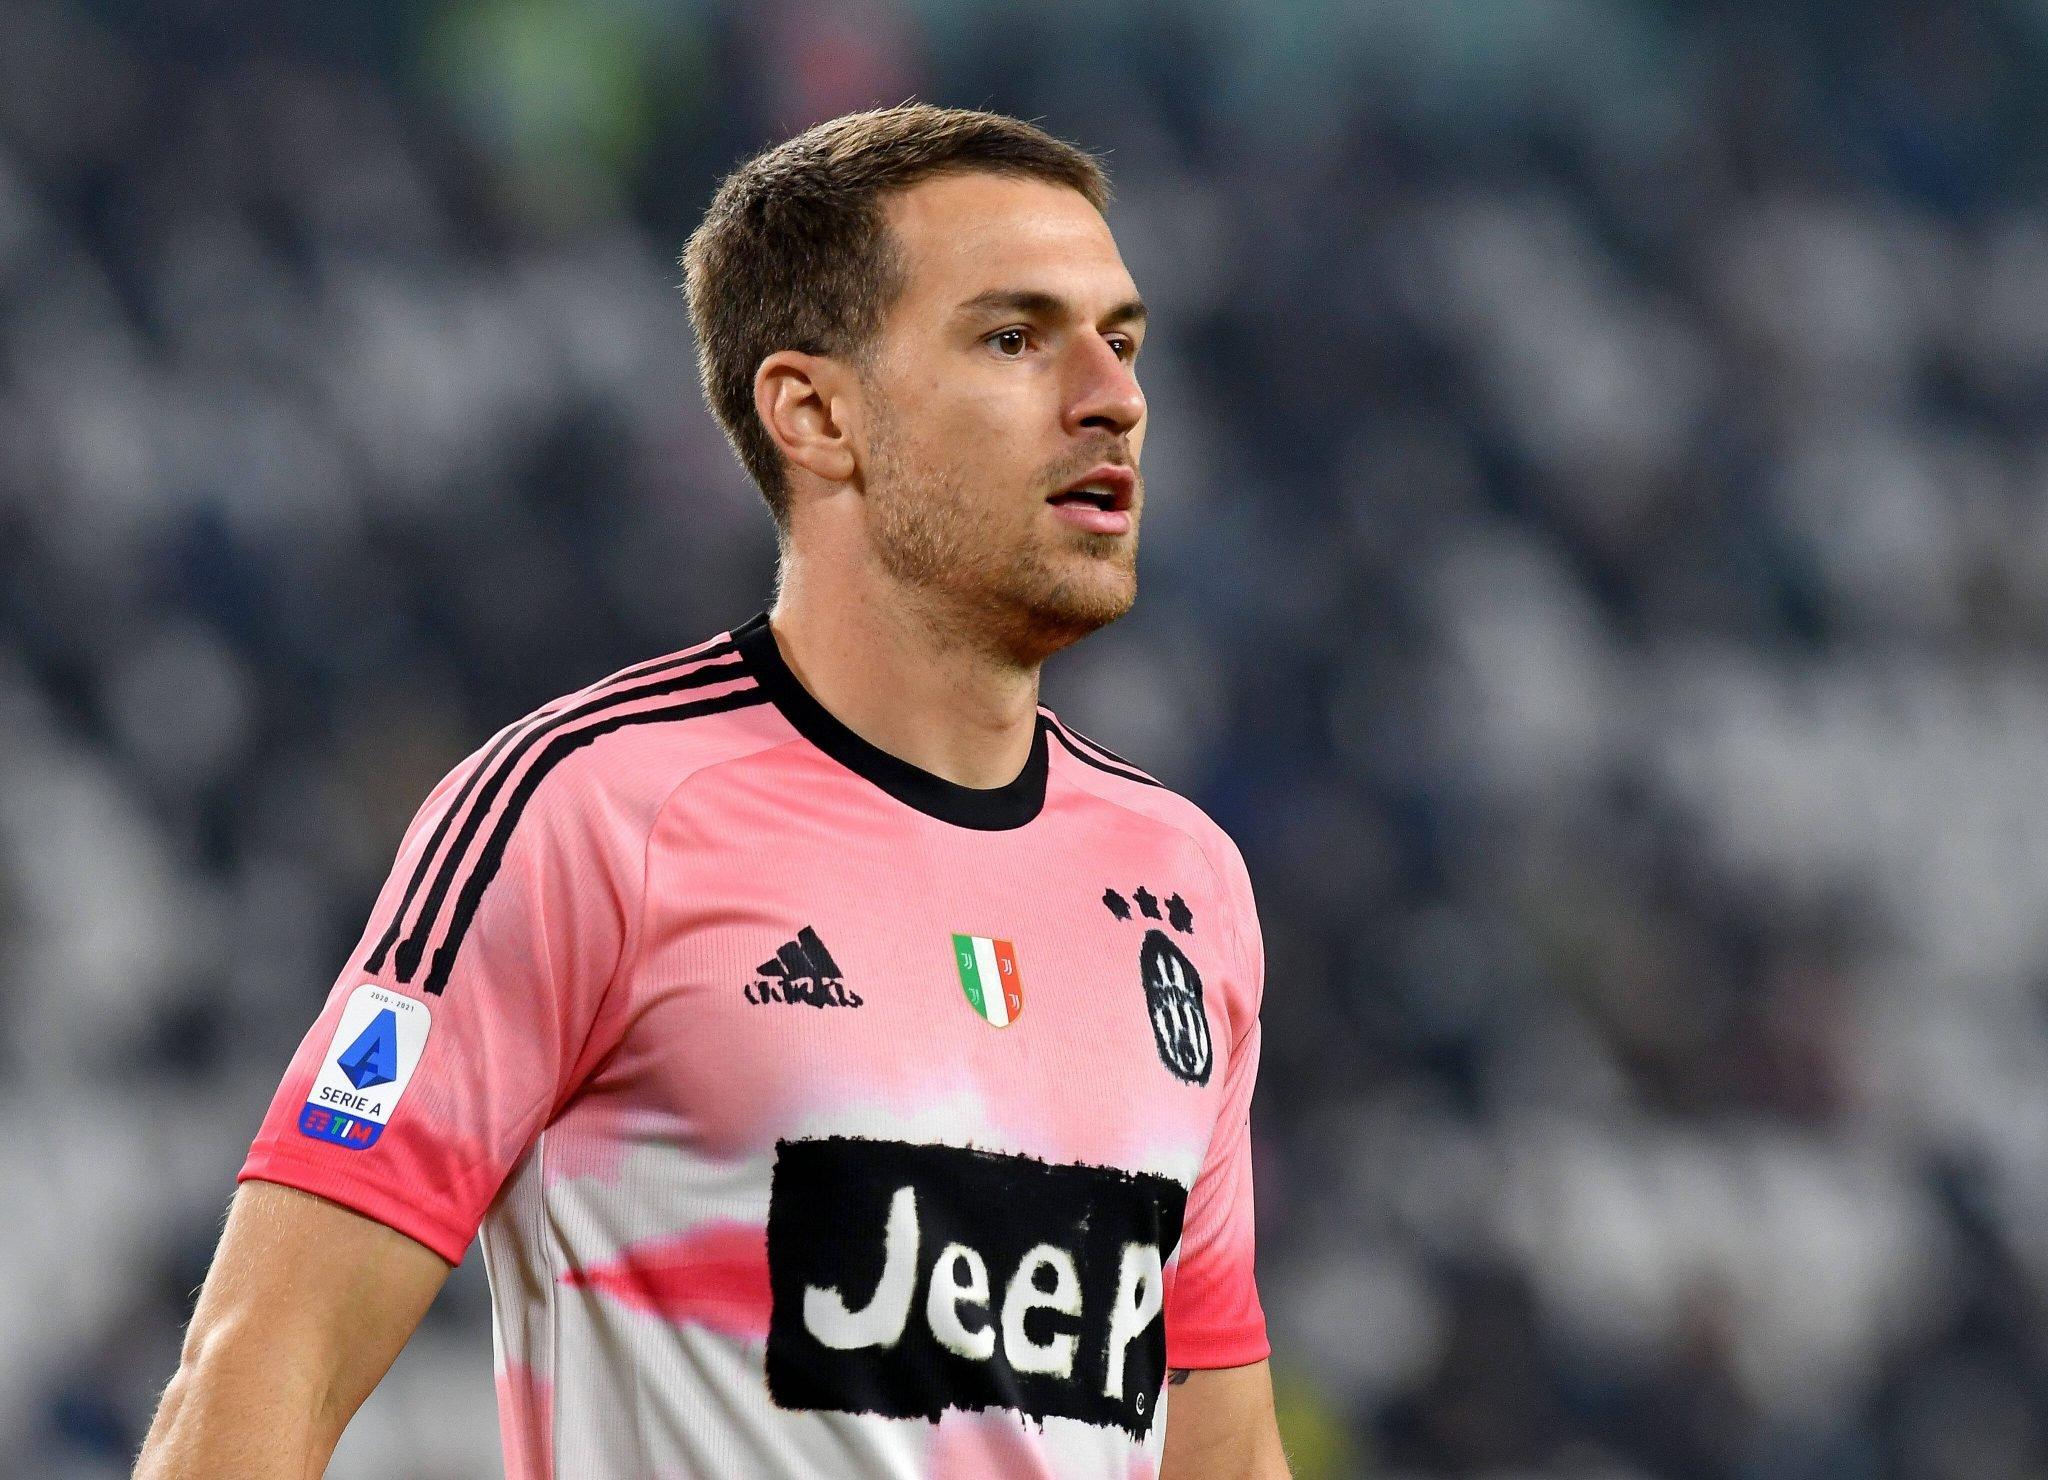 Hy sinh cựu sao Arsenal, Juventus muốn trao đổi 1 cầu thủ  - Bóng Đá